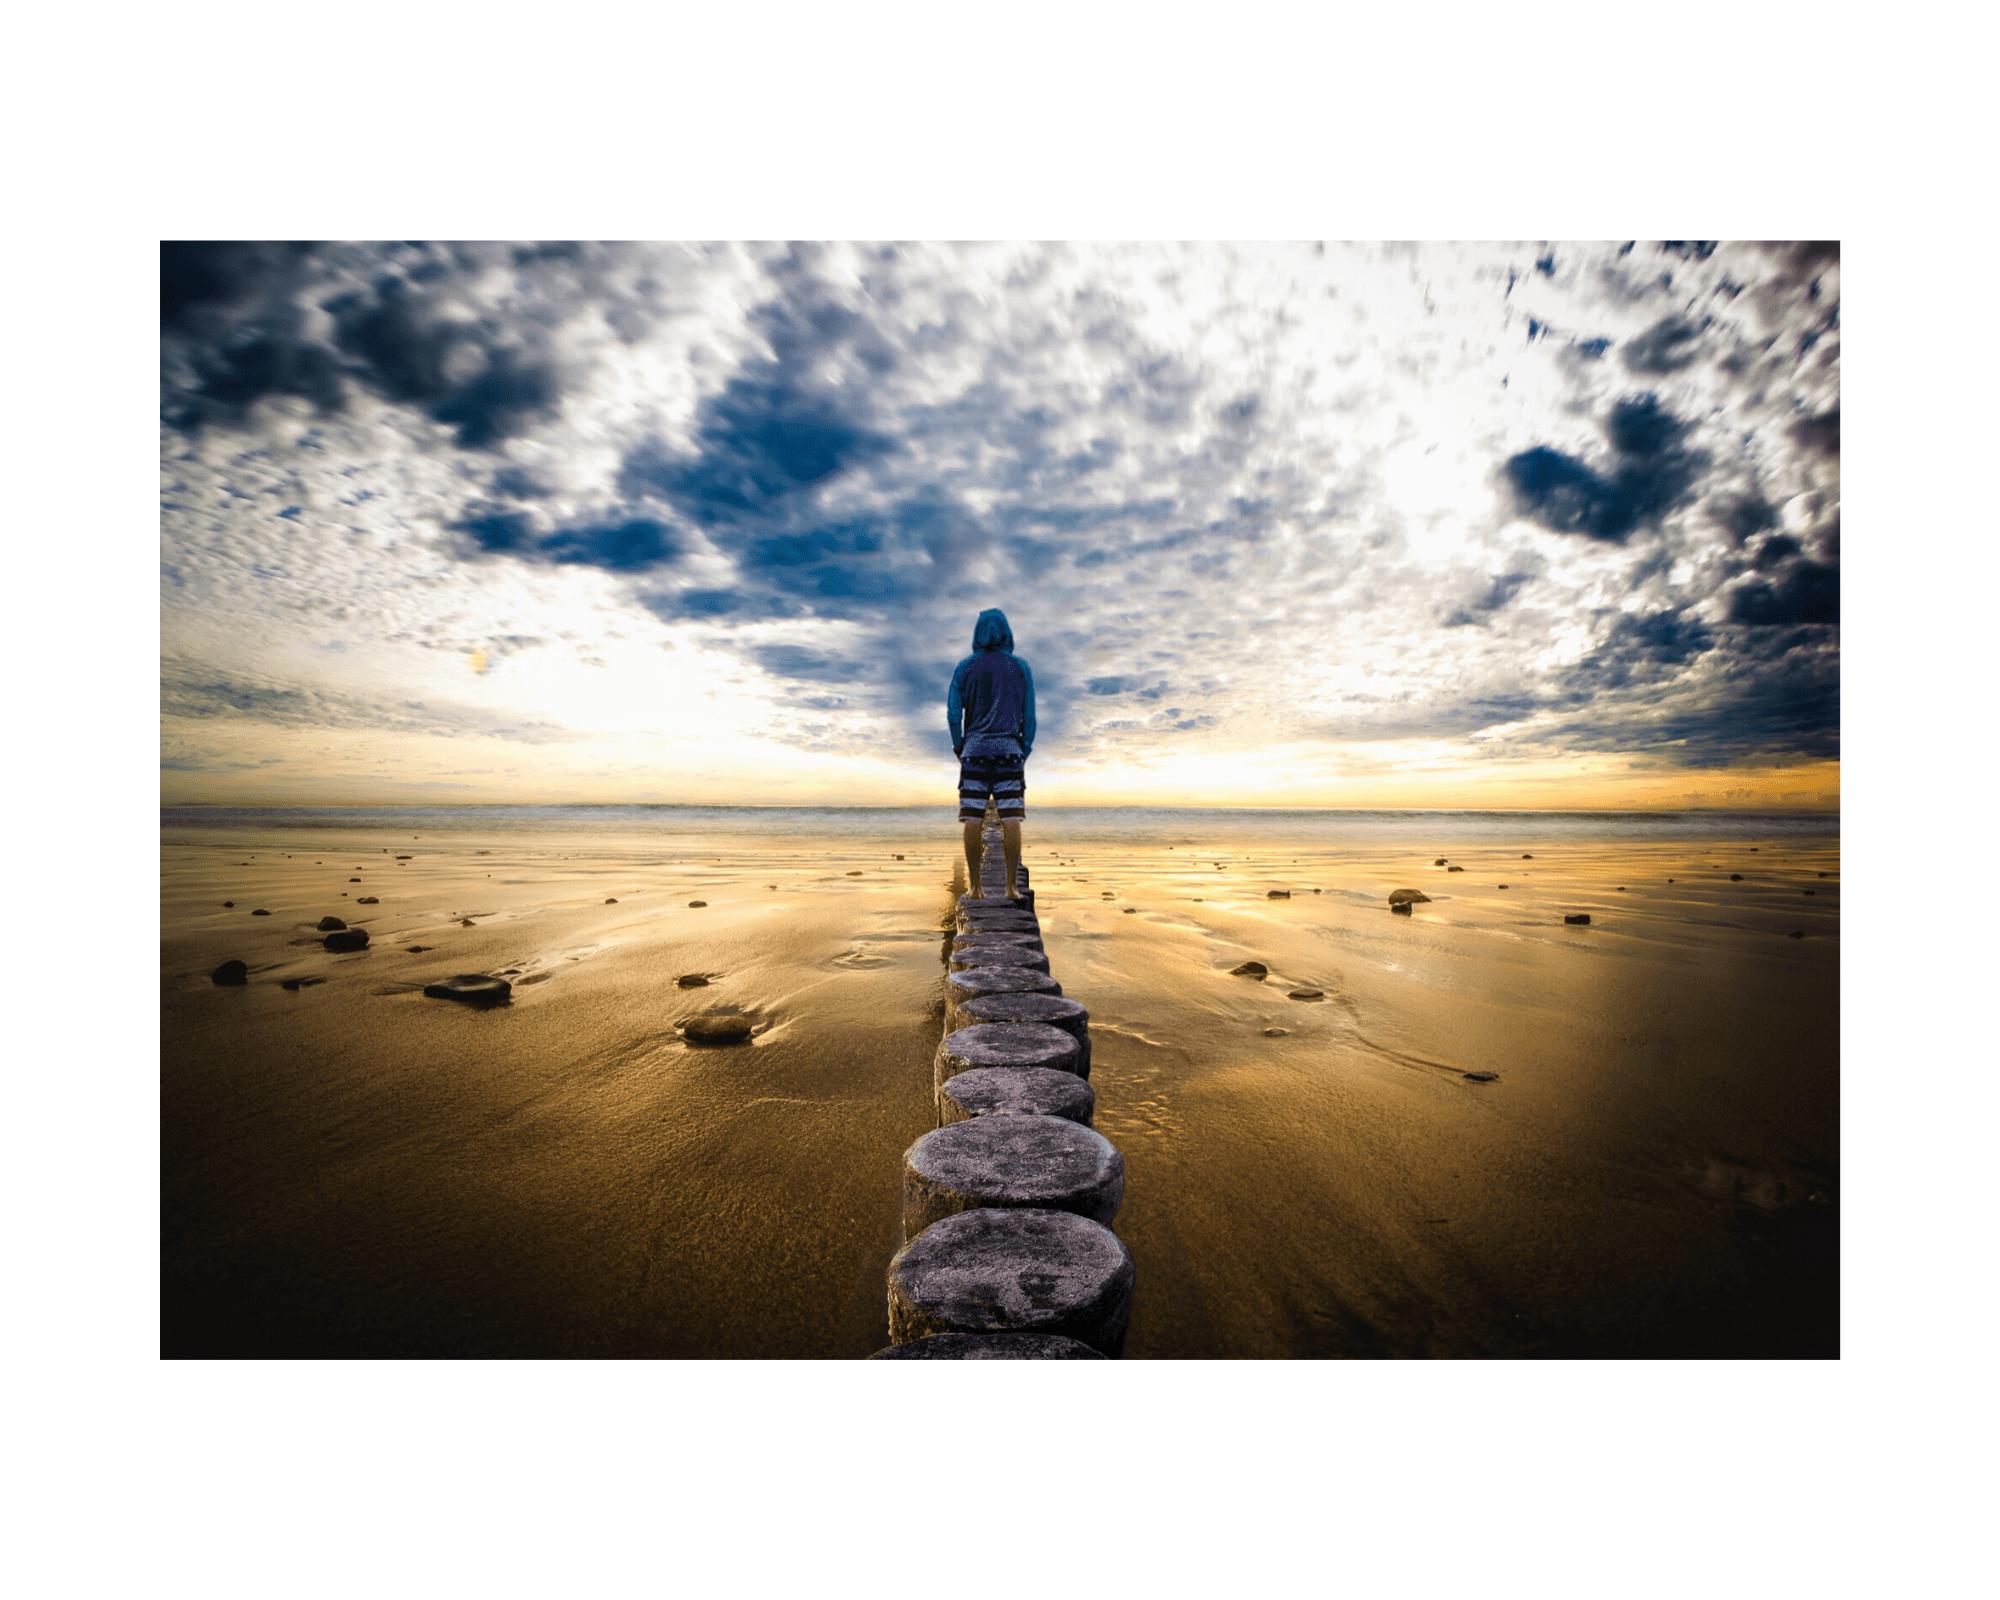 Mężczyzna stoi tyłem, w oddali, zatopiony w swoich myślach, patrzy się w lekko zachmurzone niebo. Wyczuwa się atmosferę wewnętrznego spokoju. Paliki na żółtym piasku, cisza.